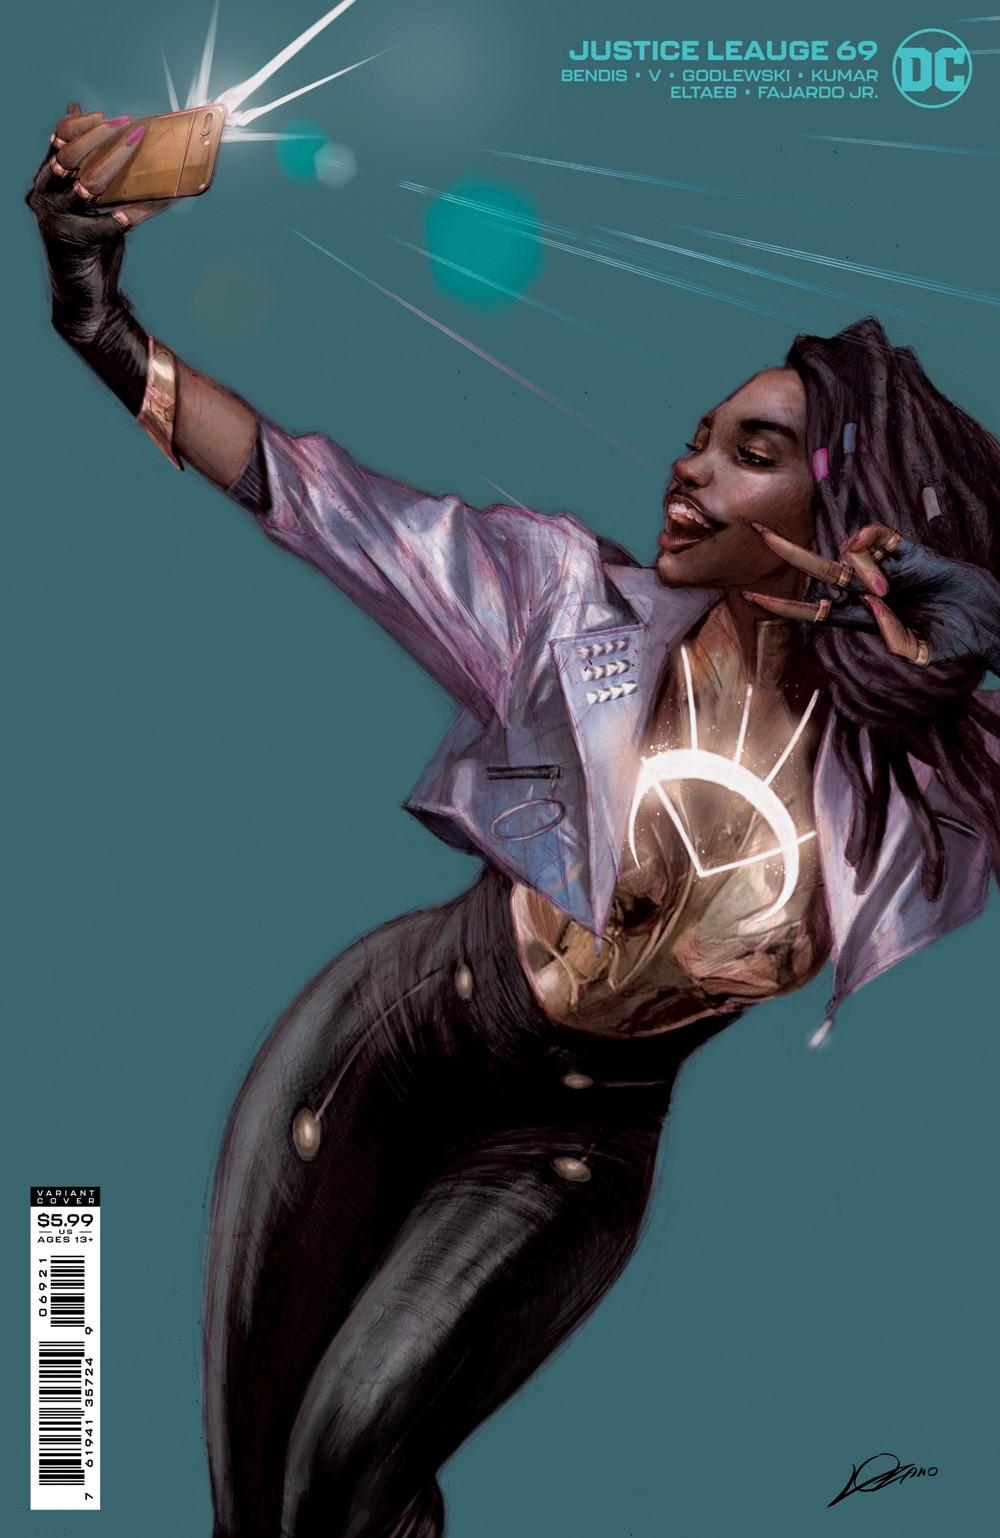 JL_Cv69_var_06921 DC Comics October 2021 Solicitations